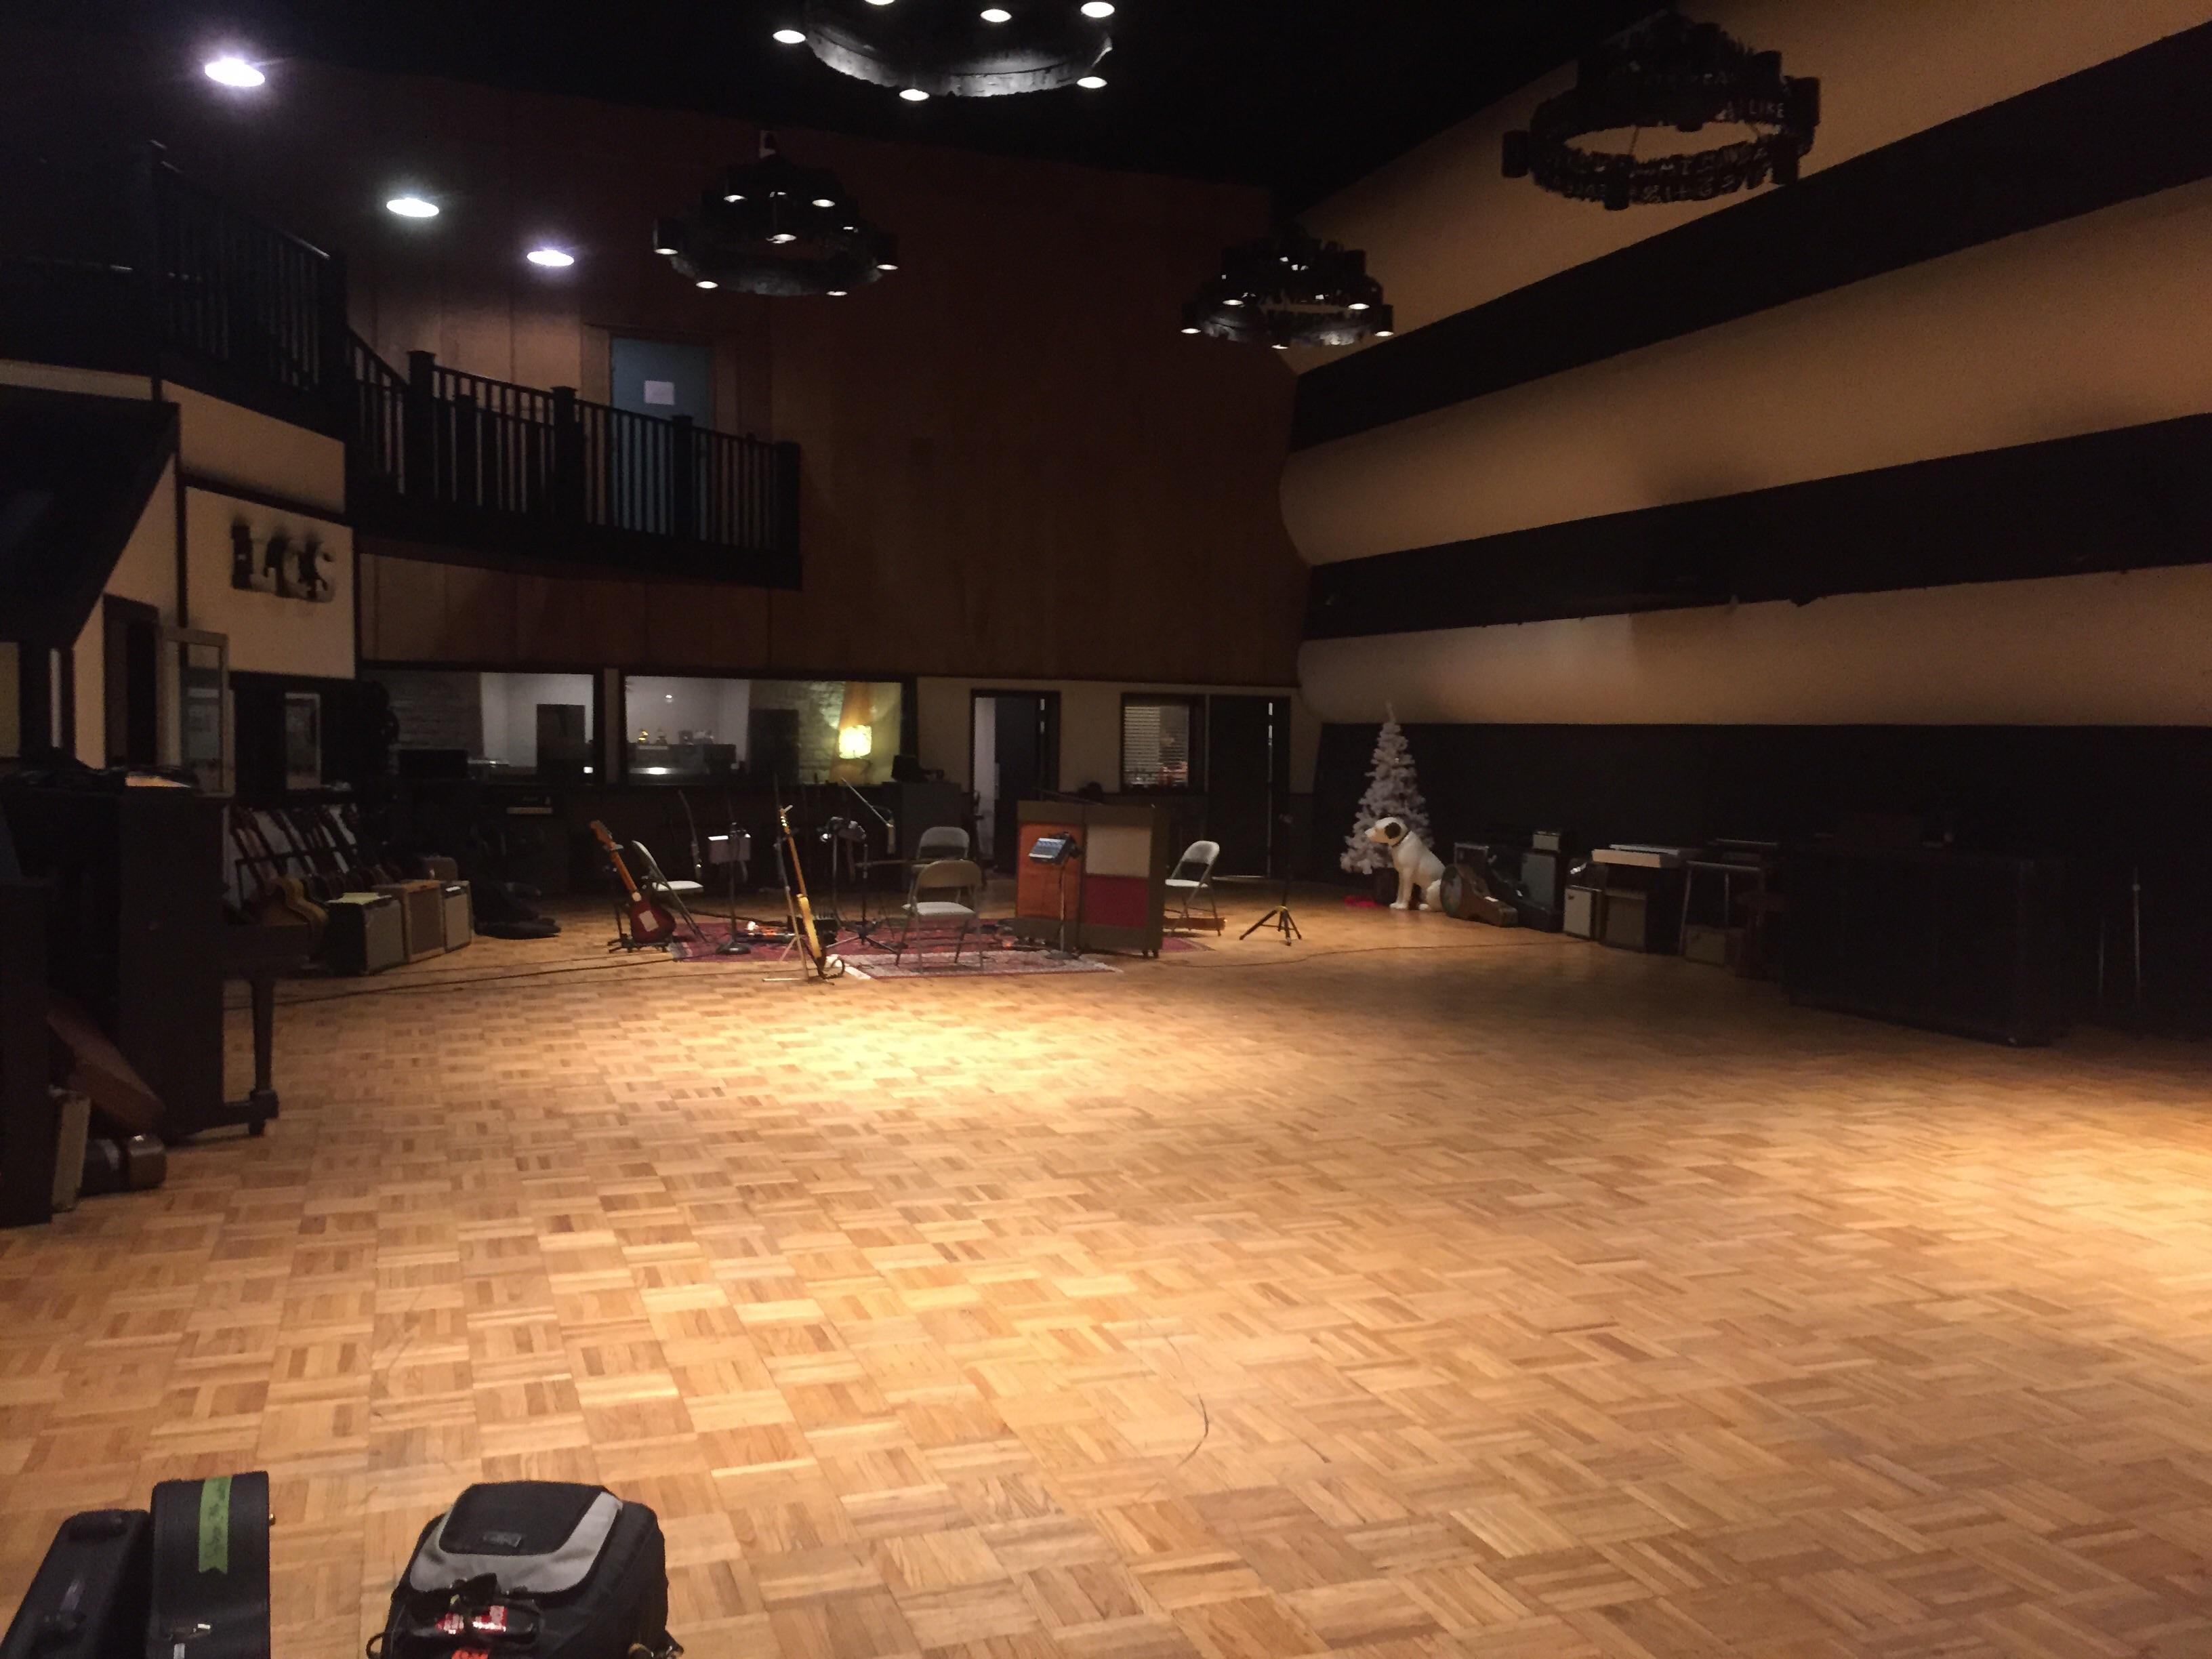 RCA Studio A - Wikipedia